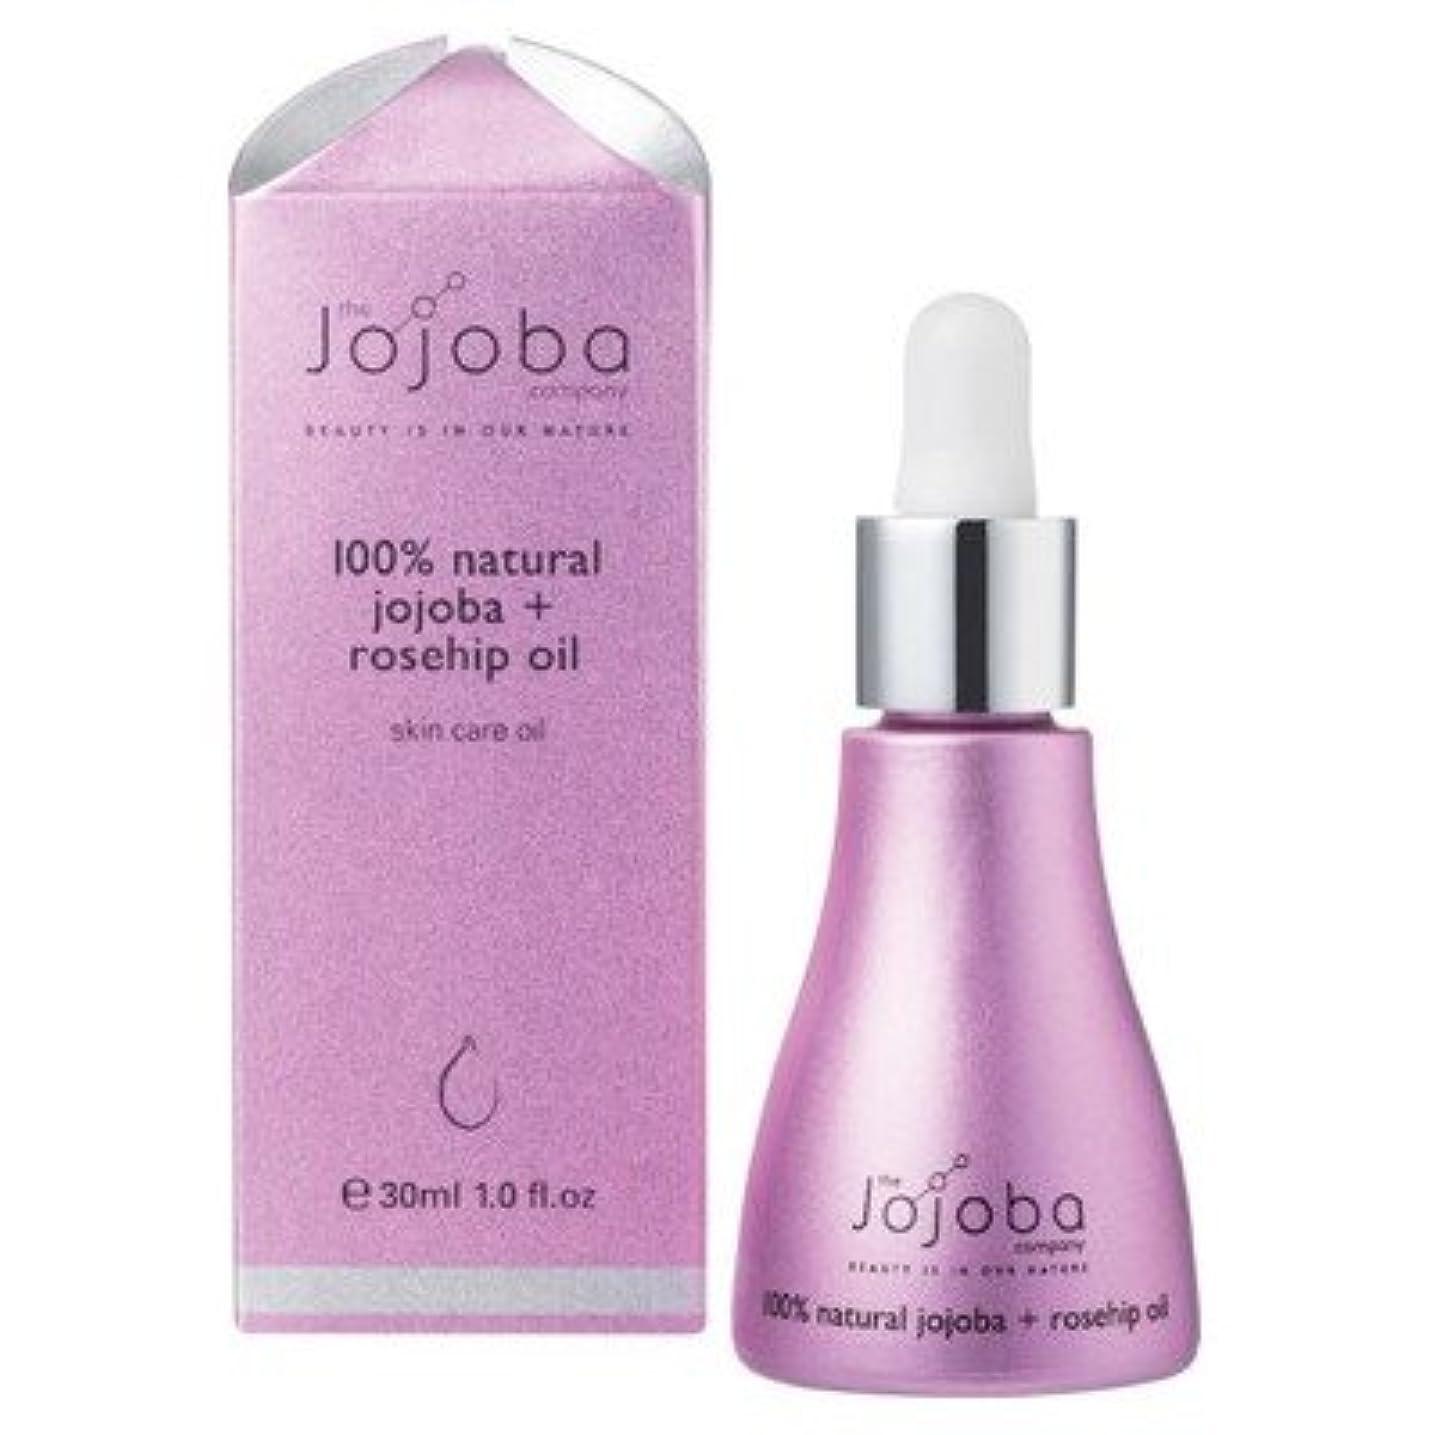 達成可能集団的メロディアスthe Jojoba Company 100% Natural Australian Jojoba Oil + Rosehip Oil ホホバ&ローズヒップブレンドオイル 30ml [海外直送品]